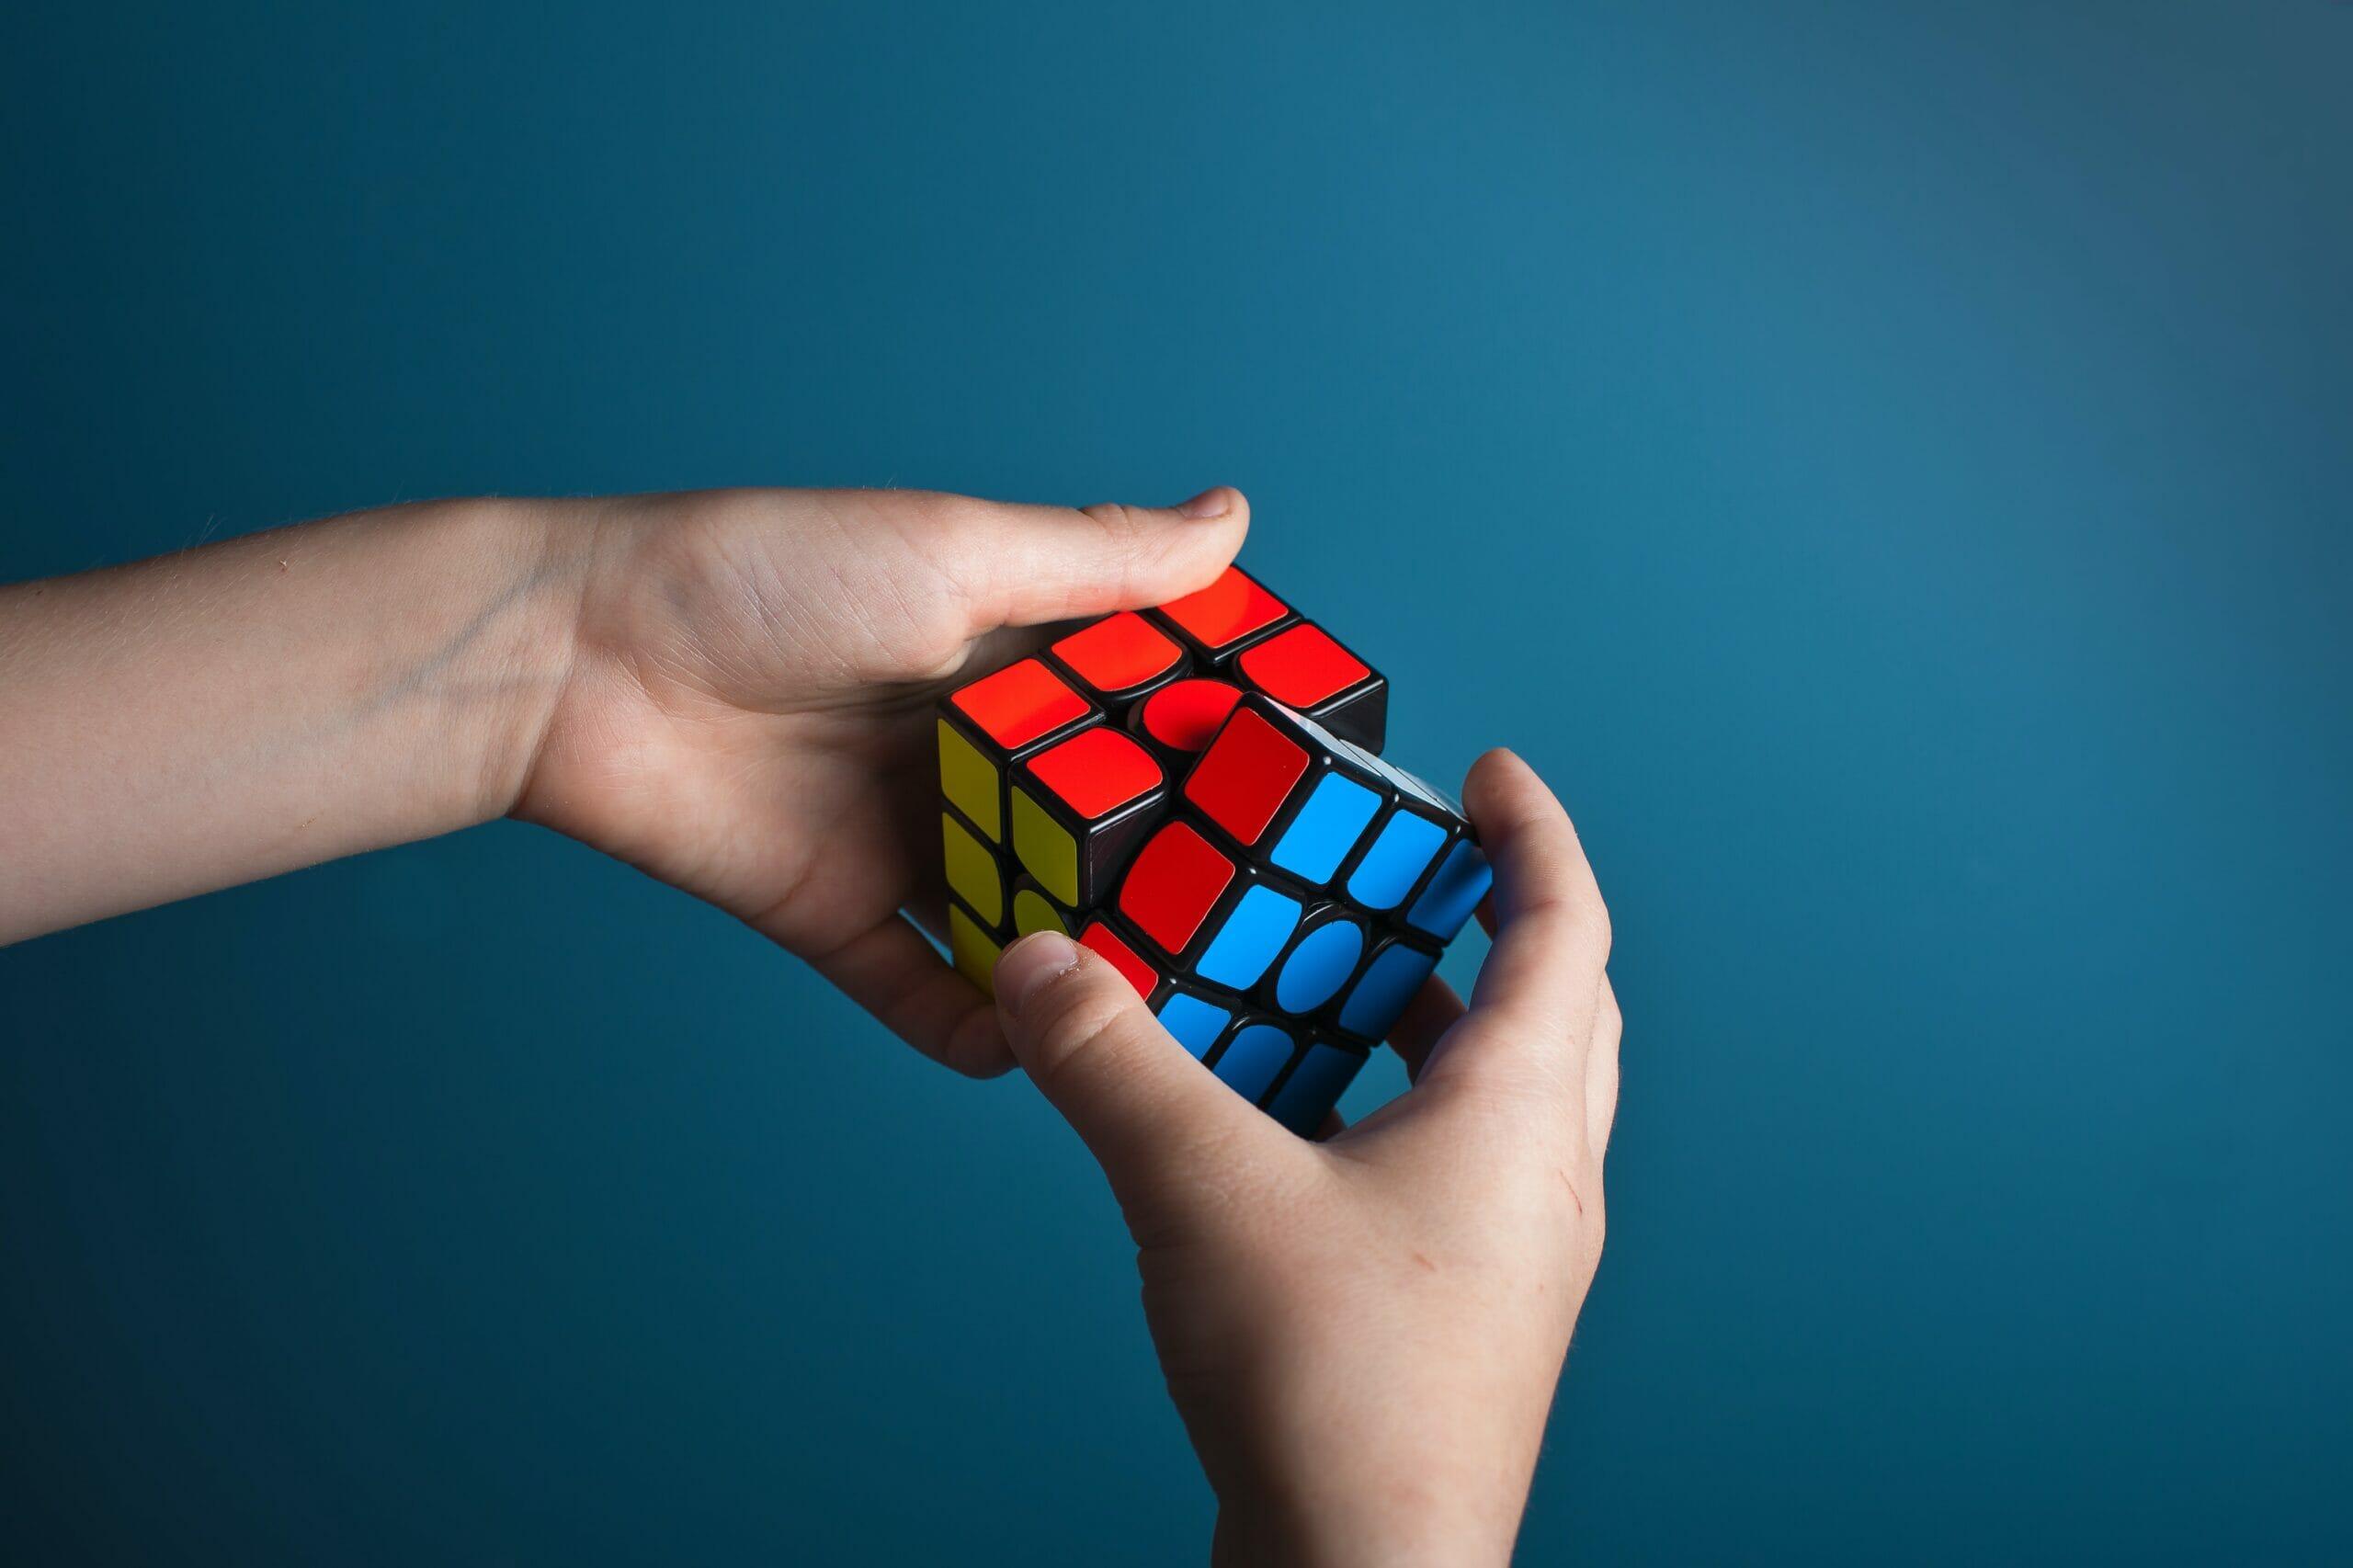 il cubo di rubik e il mistero matematico